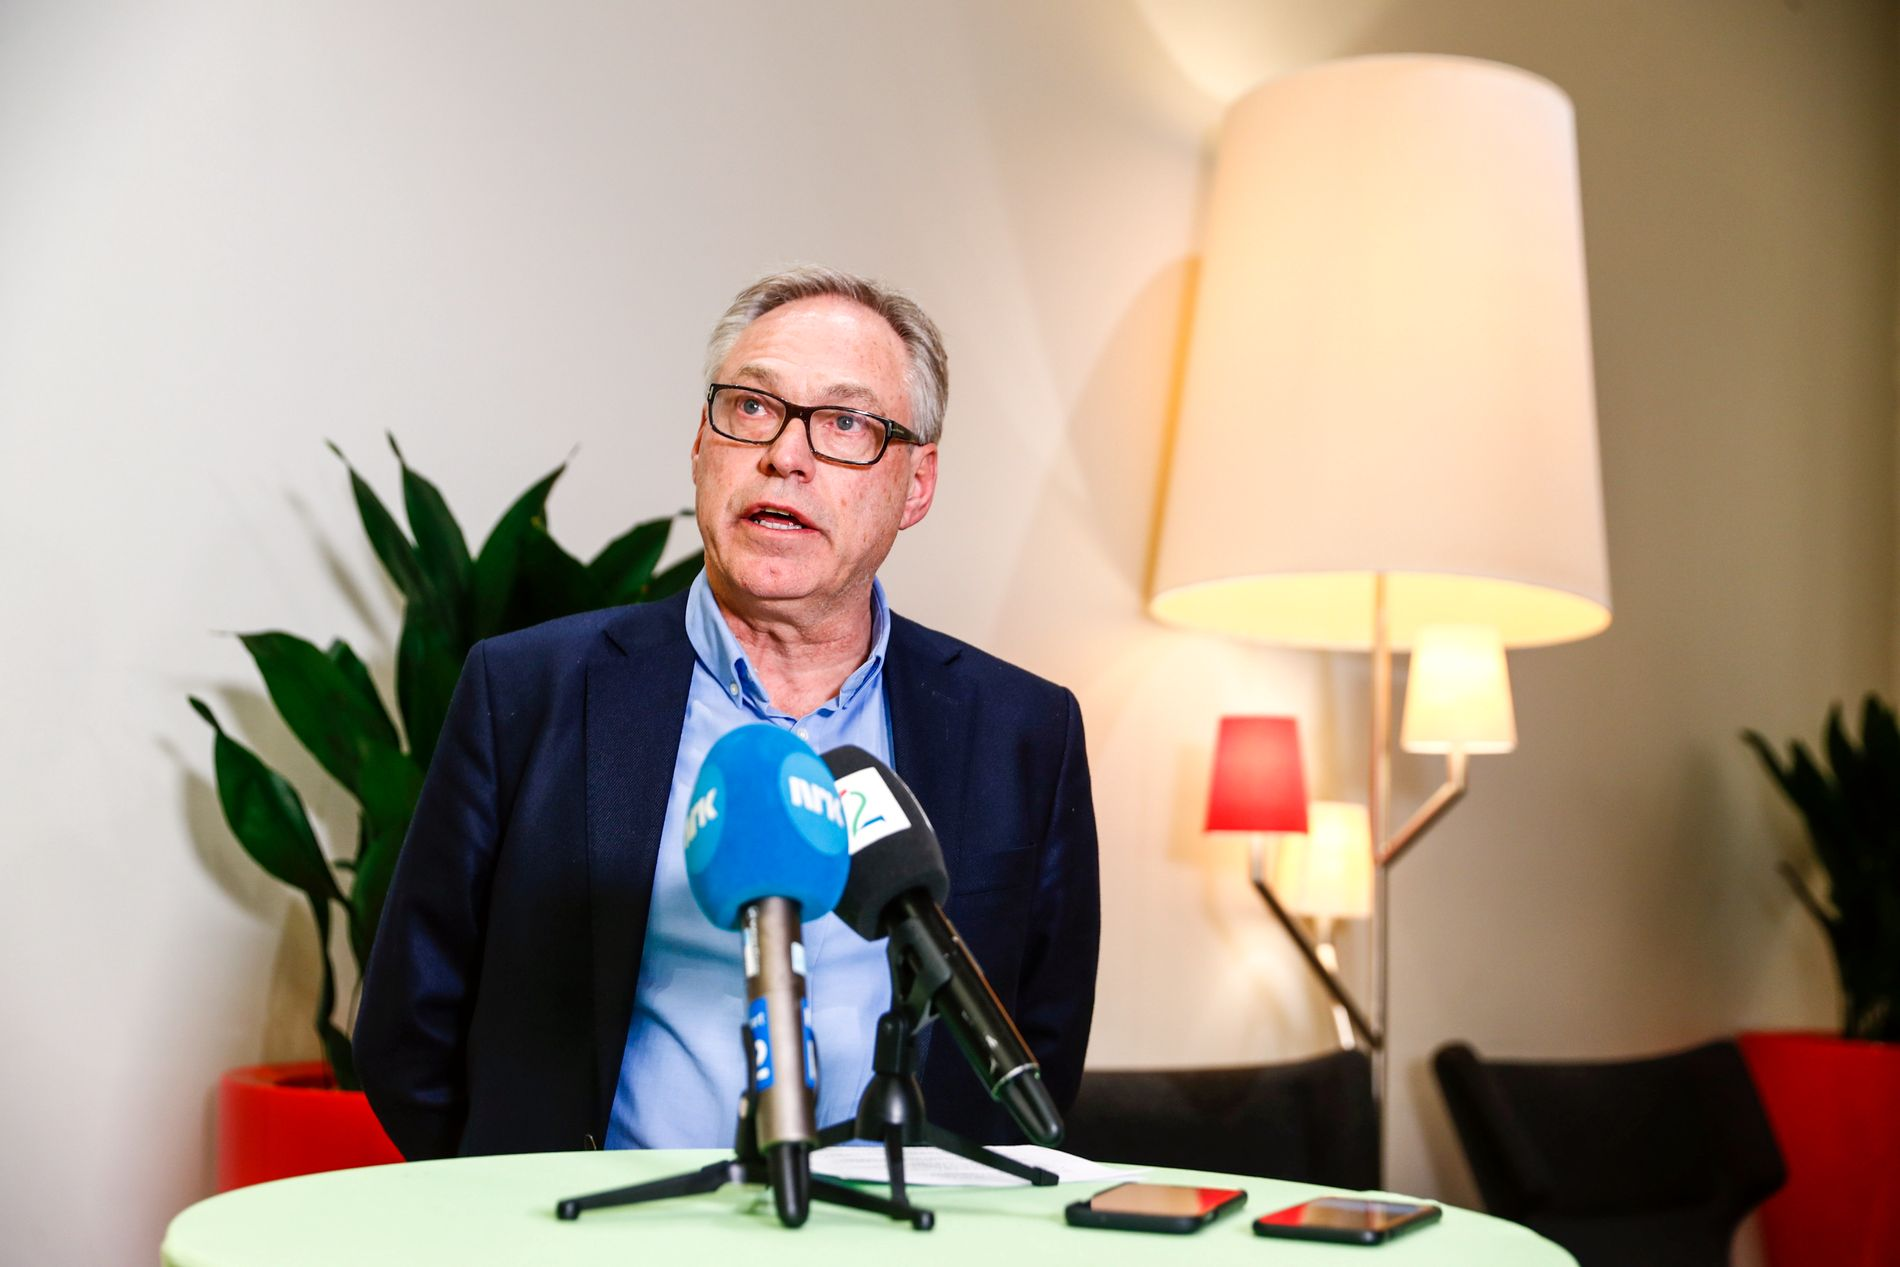 MÅTTE SVARE: Daværende sykkelpresident Harald Tiedemann Hansen etter et av mange oppvaskmøter i Norges Cykleforbund.